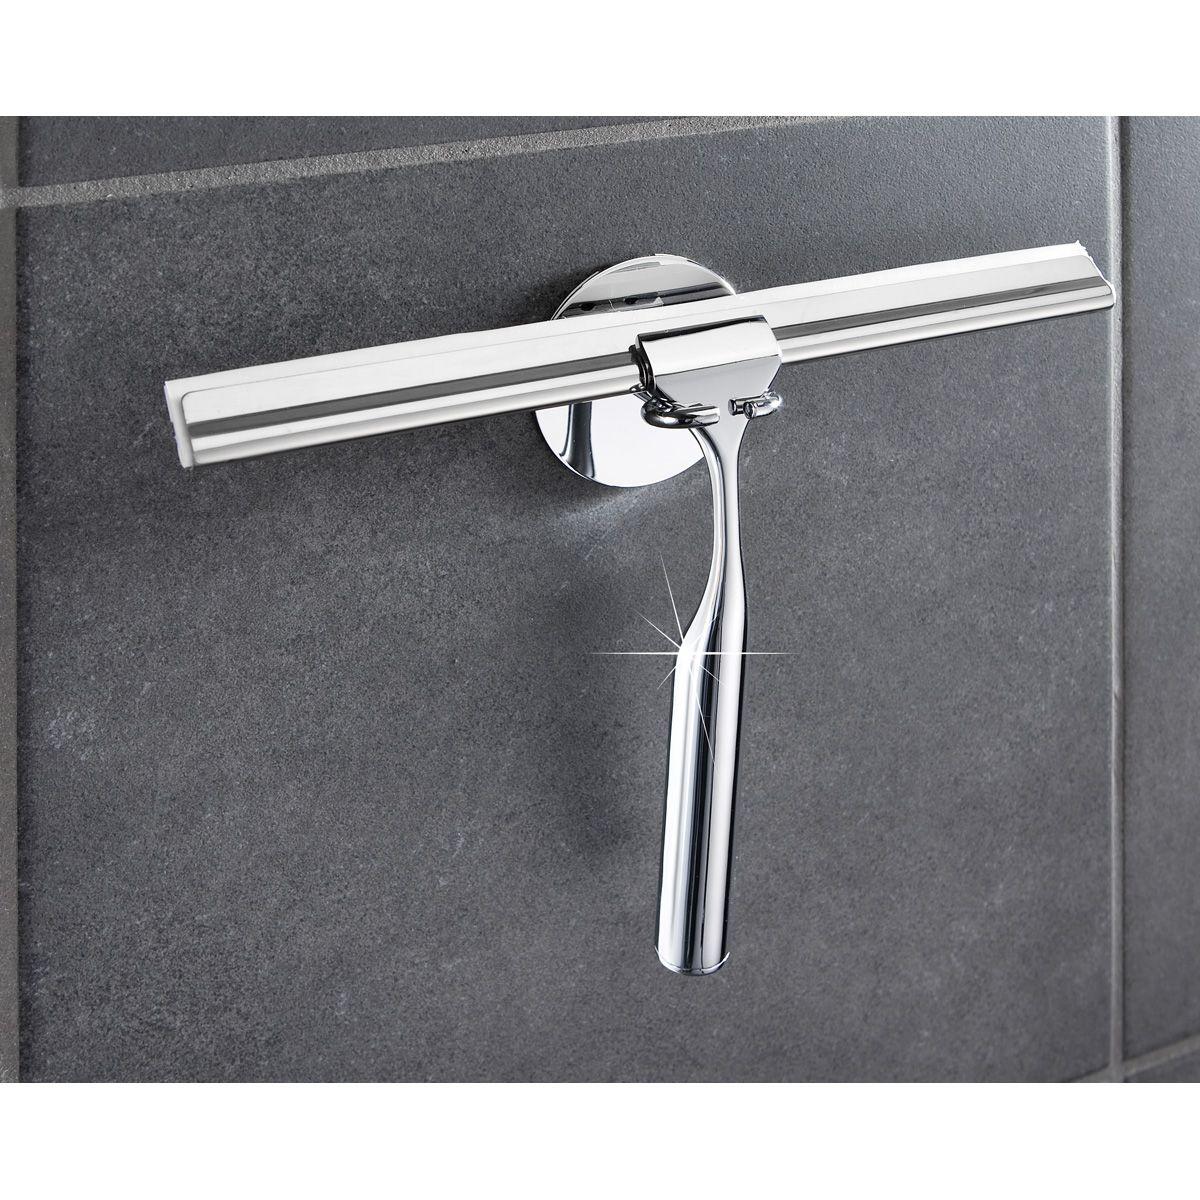 Raclette de Douche Inox TurboFIX  Accessoires salle de bain